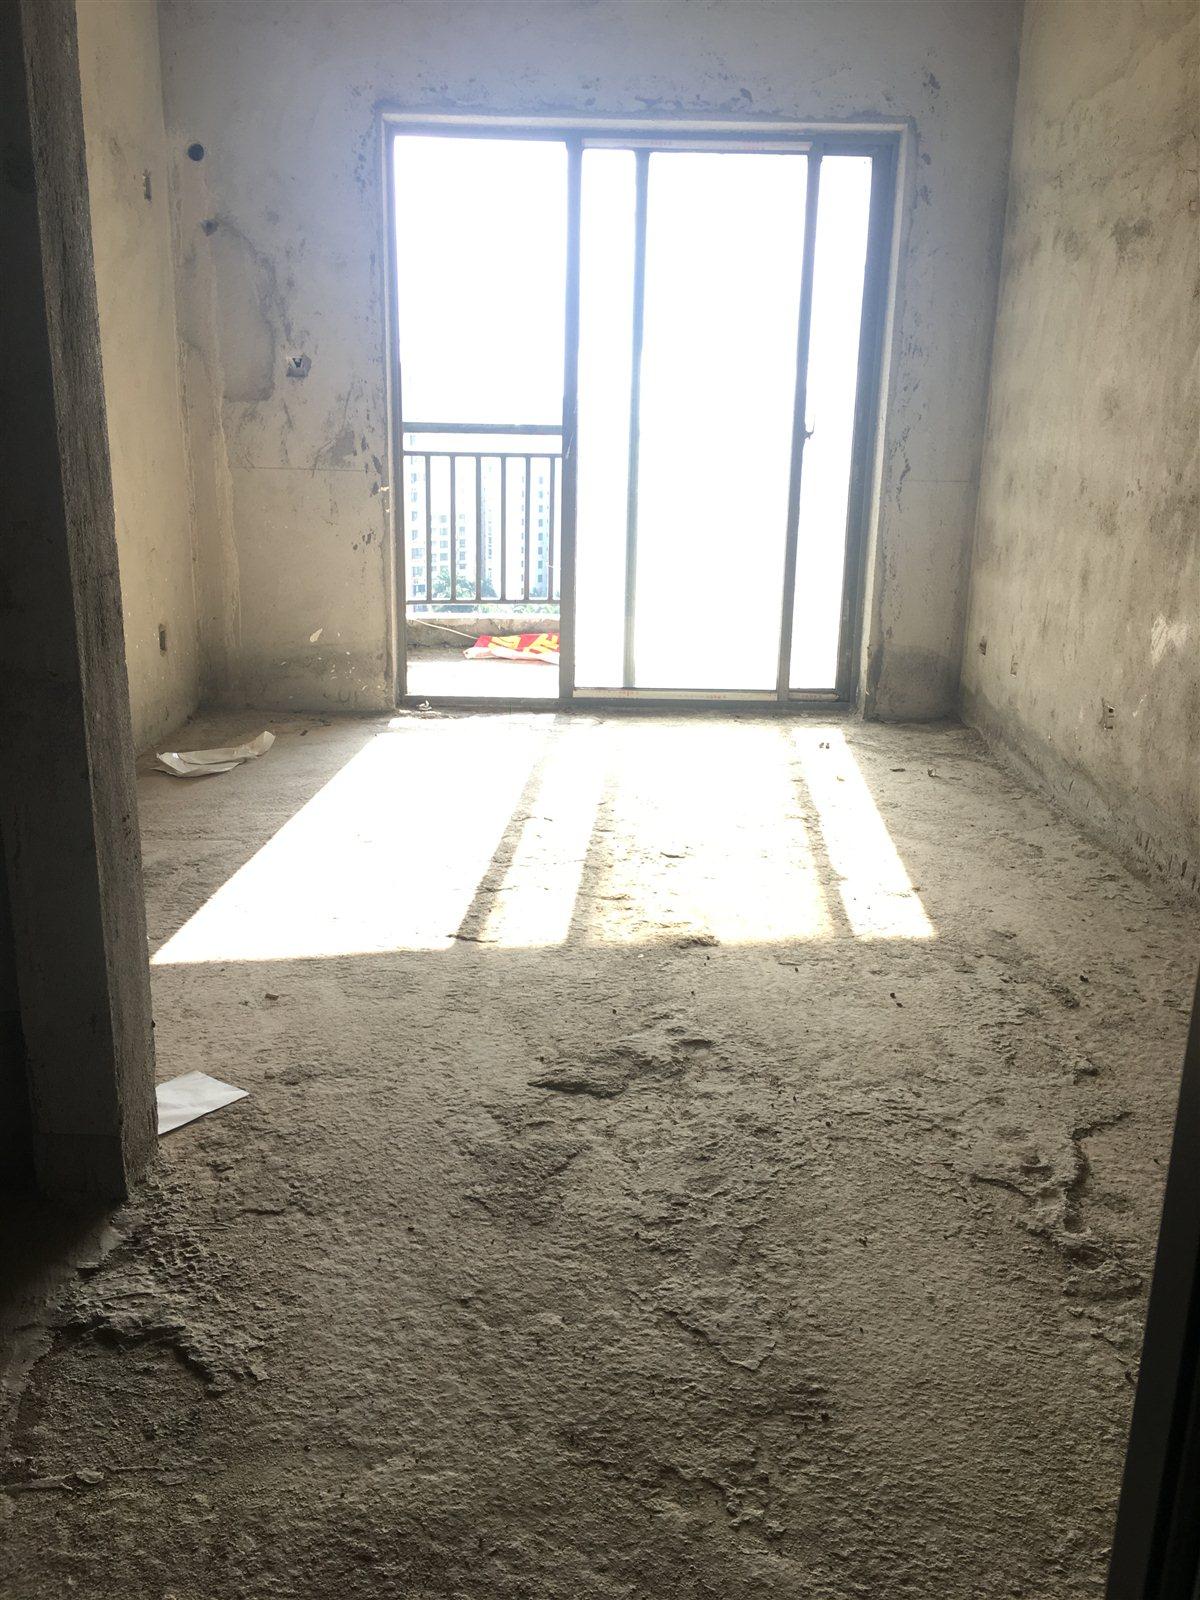 琼岛椰澜湾2室2厅1卫58万元毛坯